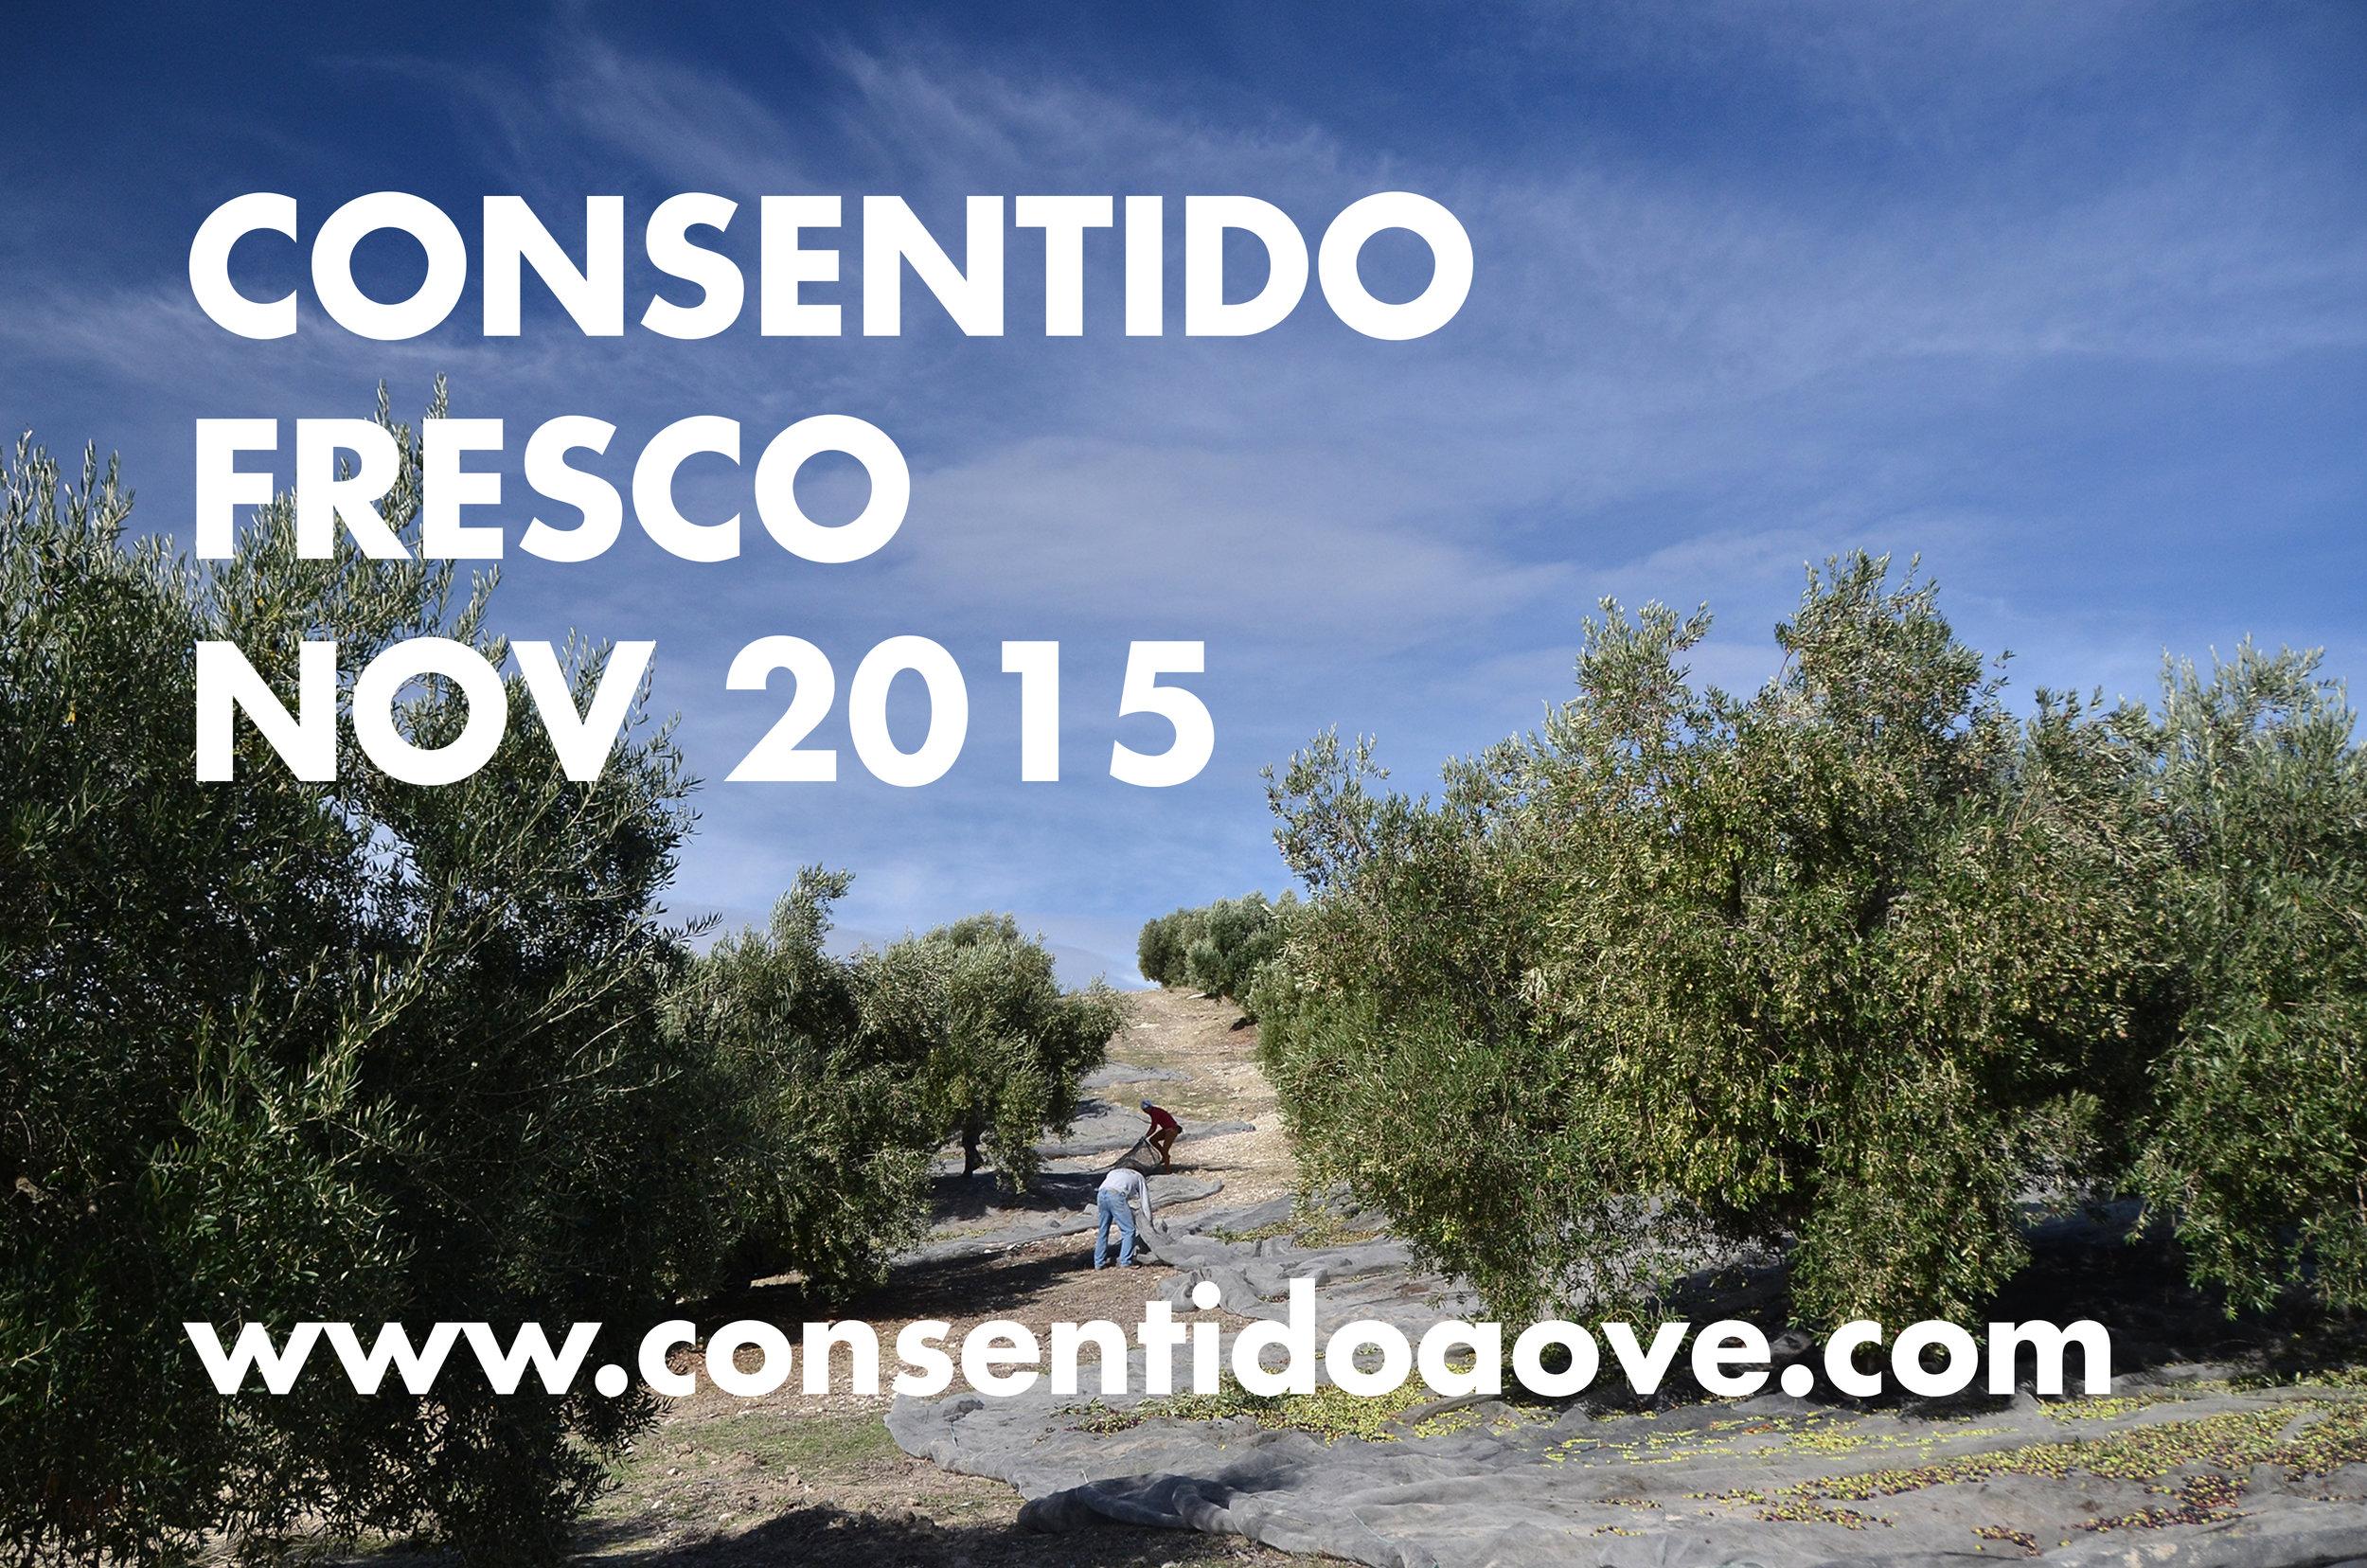 CONSENTIDO DSC_8895.jpg